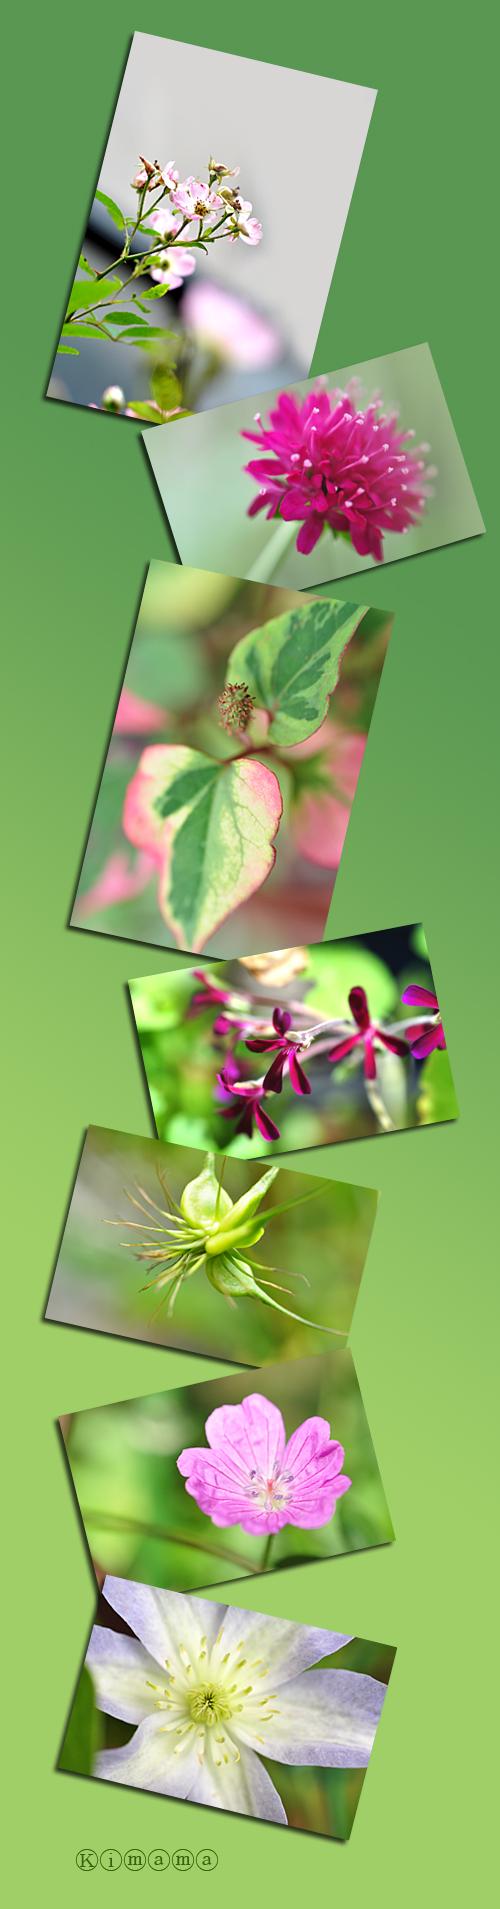 7月23日庭の花